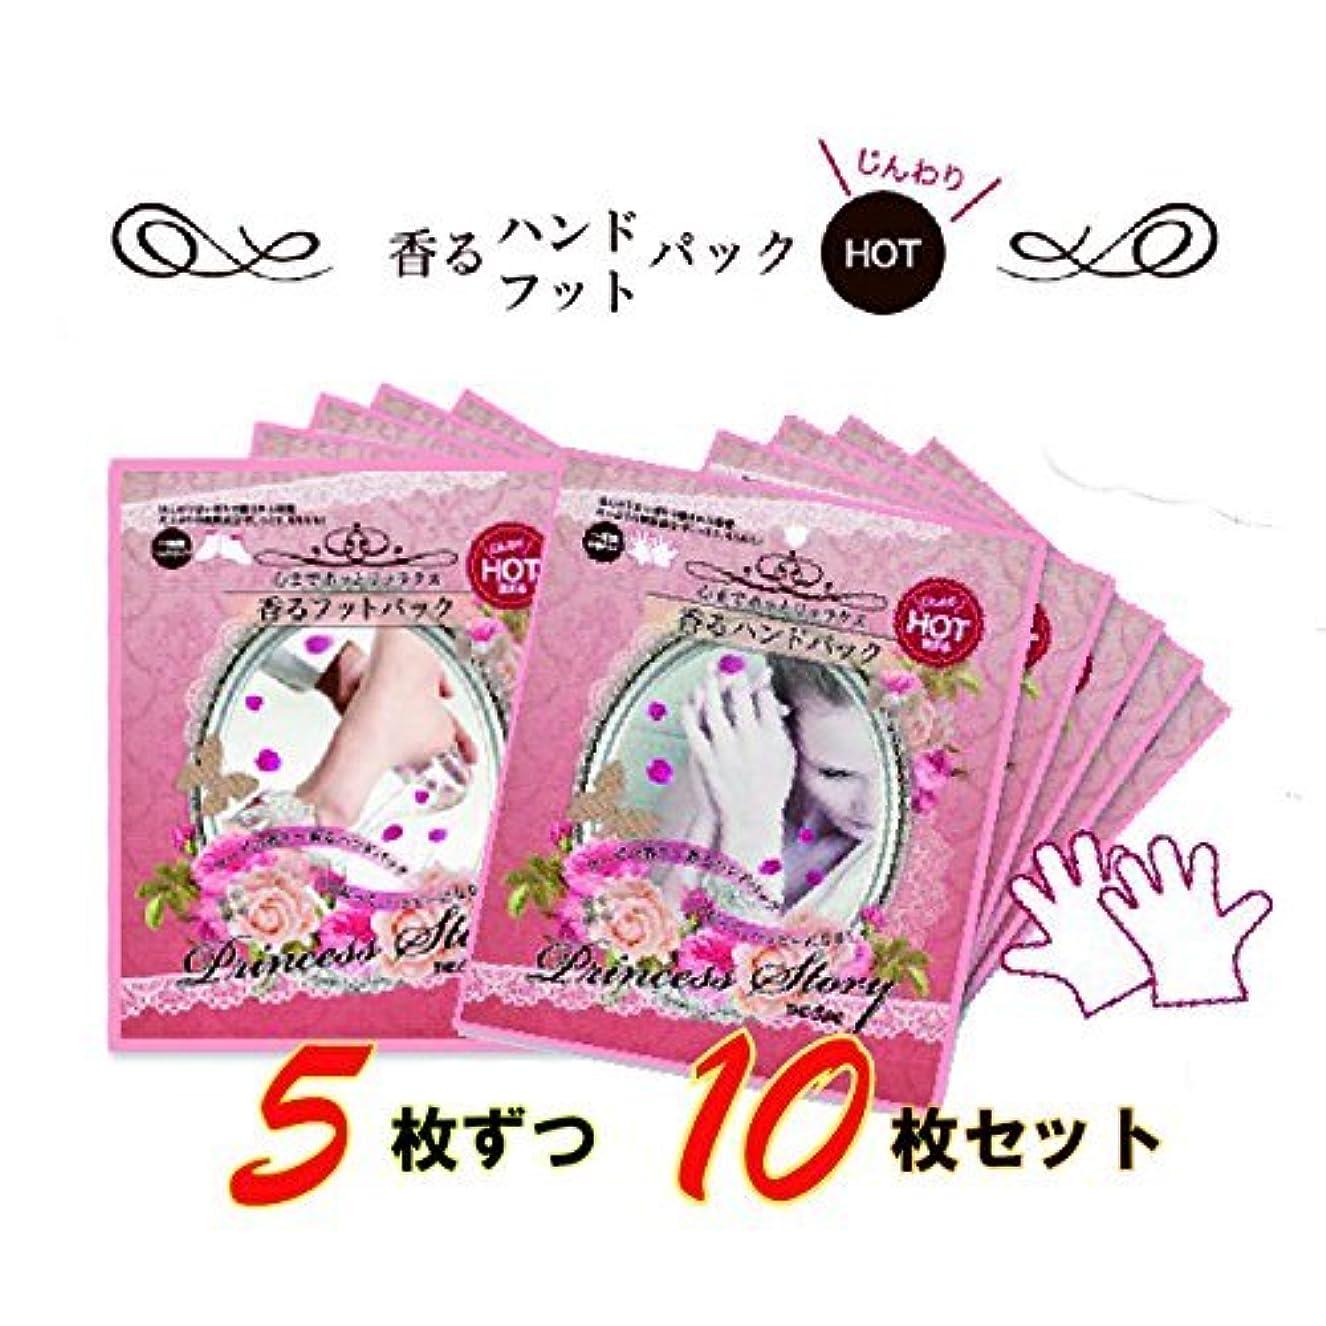 見習いホーム引数香るハンド &フットパック HOT キュア プリンセス ストーリーTHE CURE 5枚ずつ10枚セット